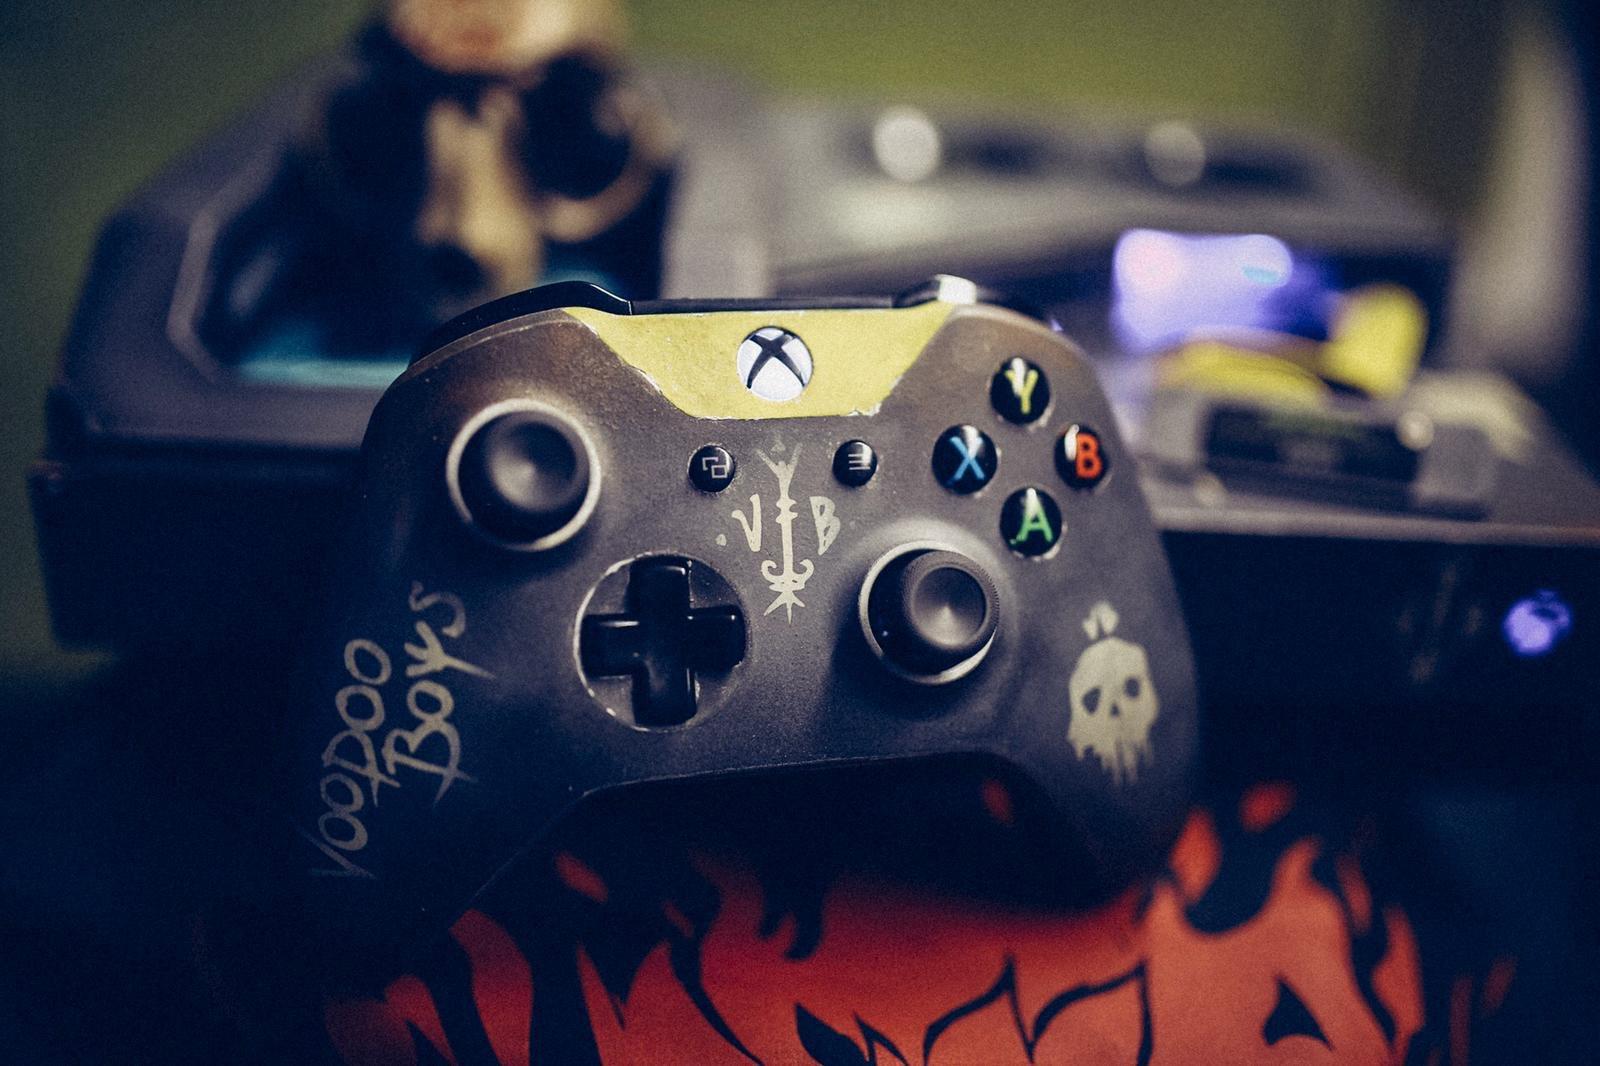 《赛博朋克2077》官方大晒主题定制Xbox 全球限量一台